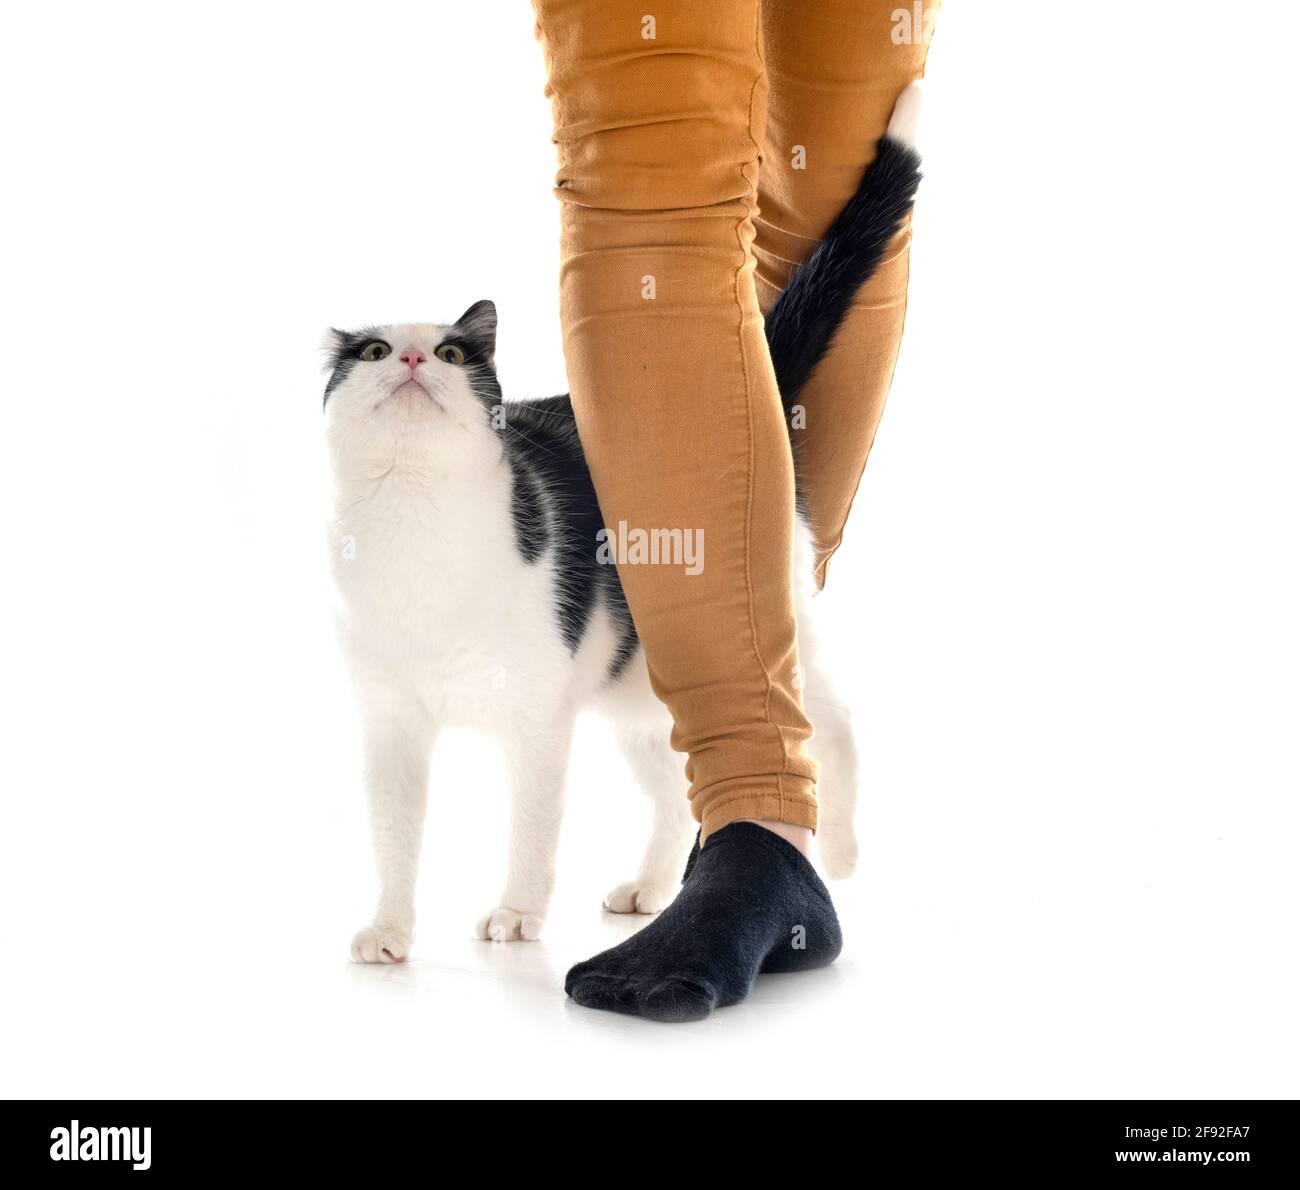 gato feral frente de fondo blanco Foto de stock